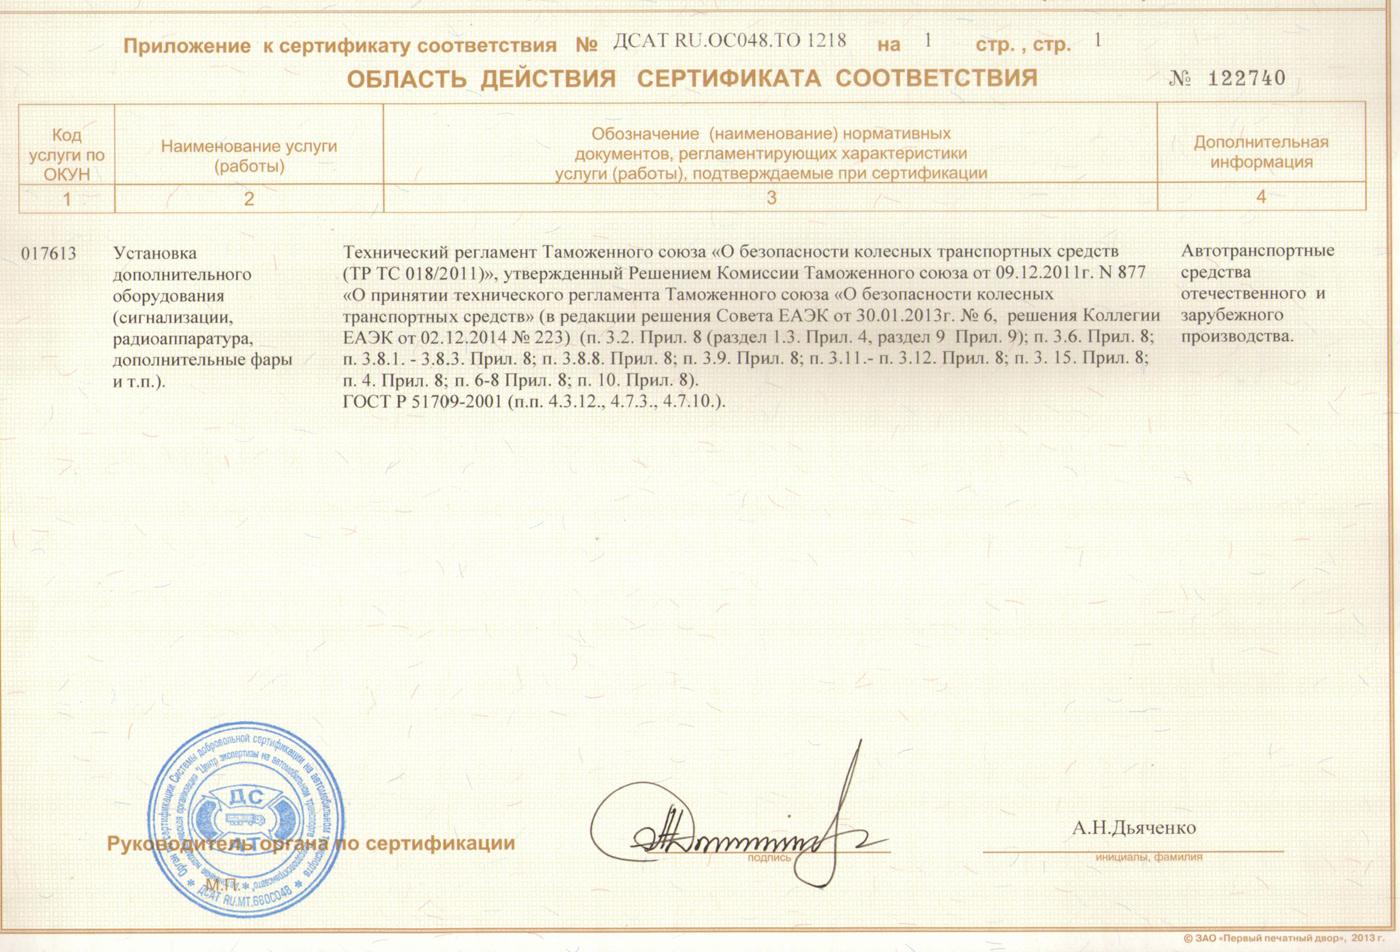 Сертификат на доп оборудование второй лист